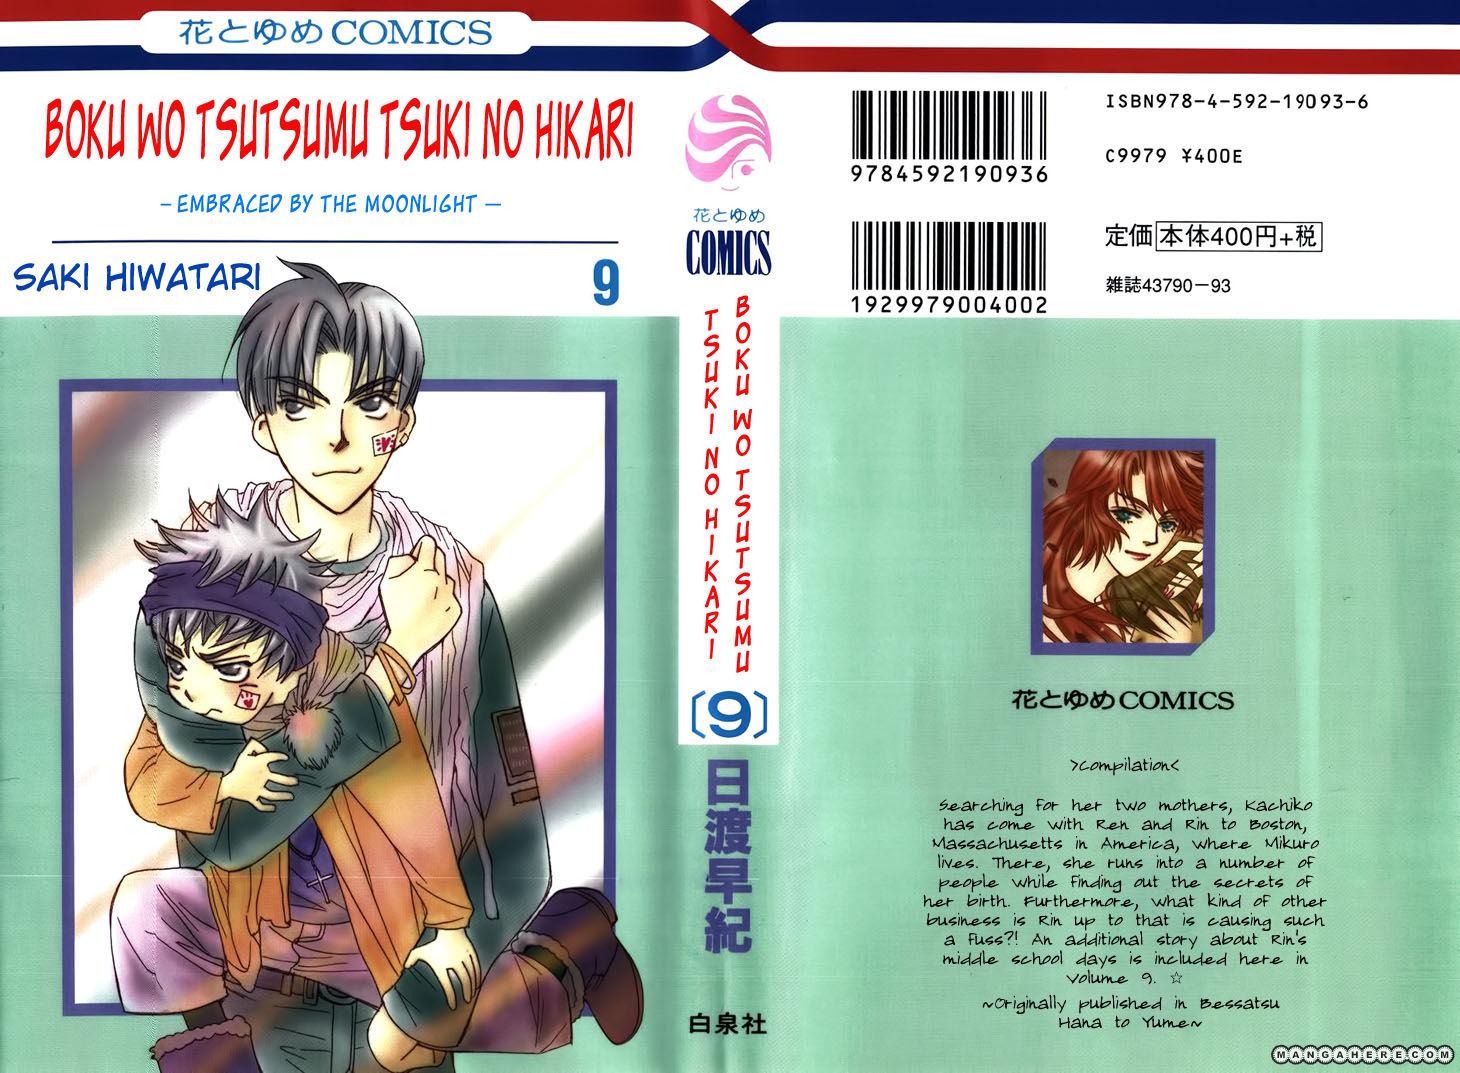 Boku wo Tsutsumu Tsuki no Hikari 43 Page 1